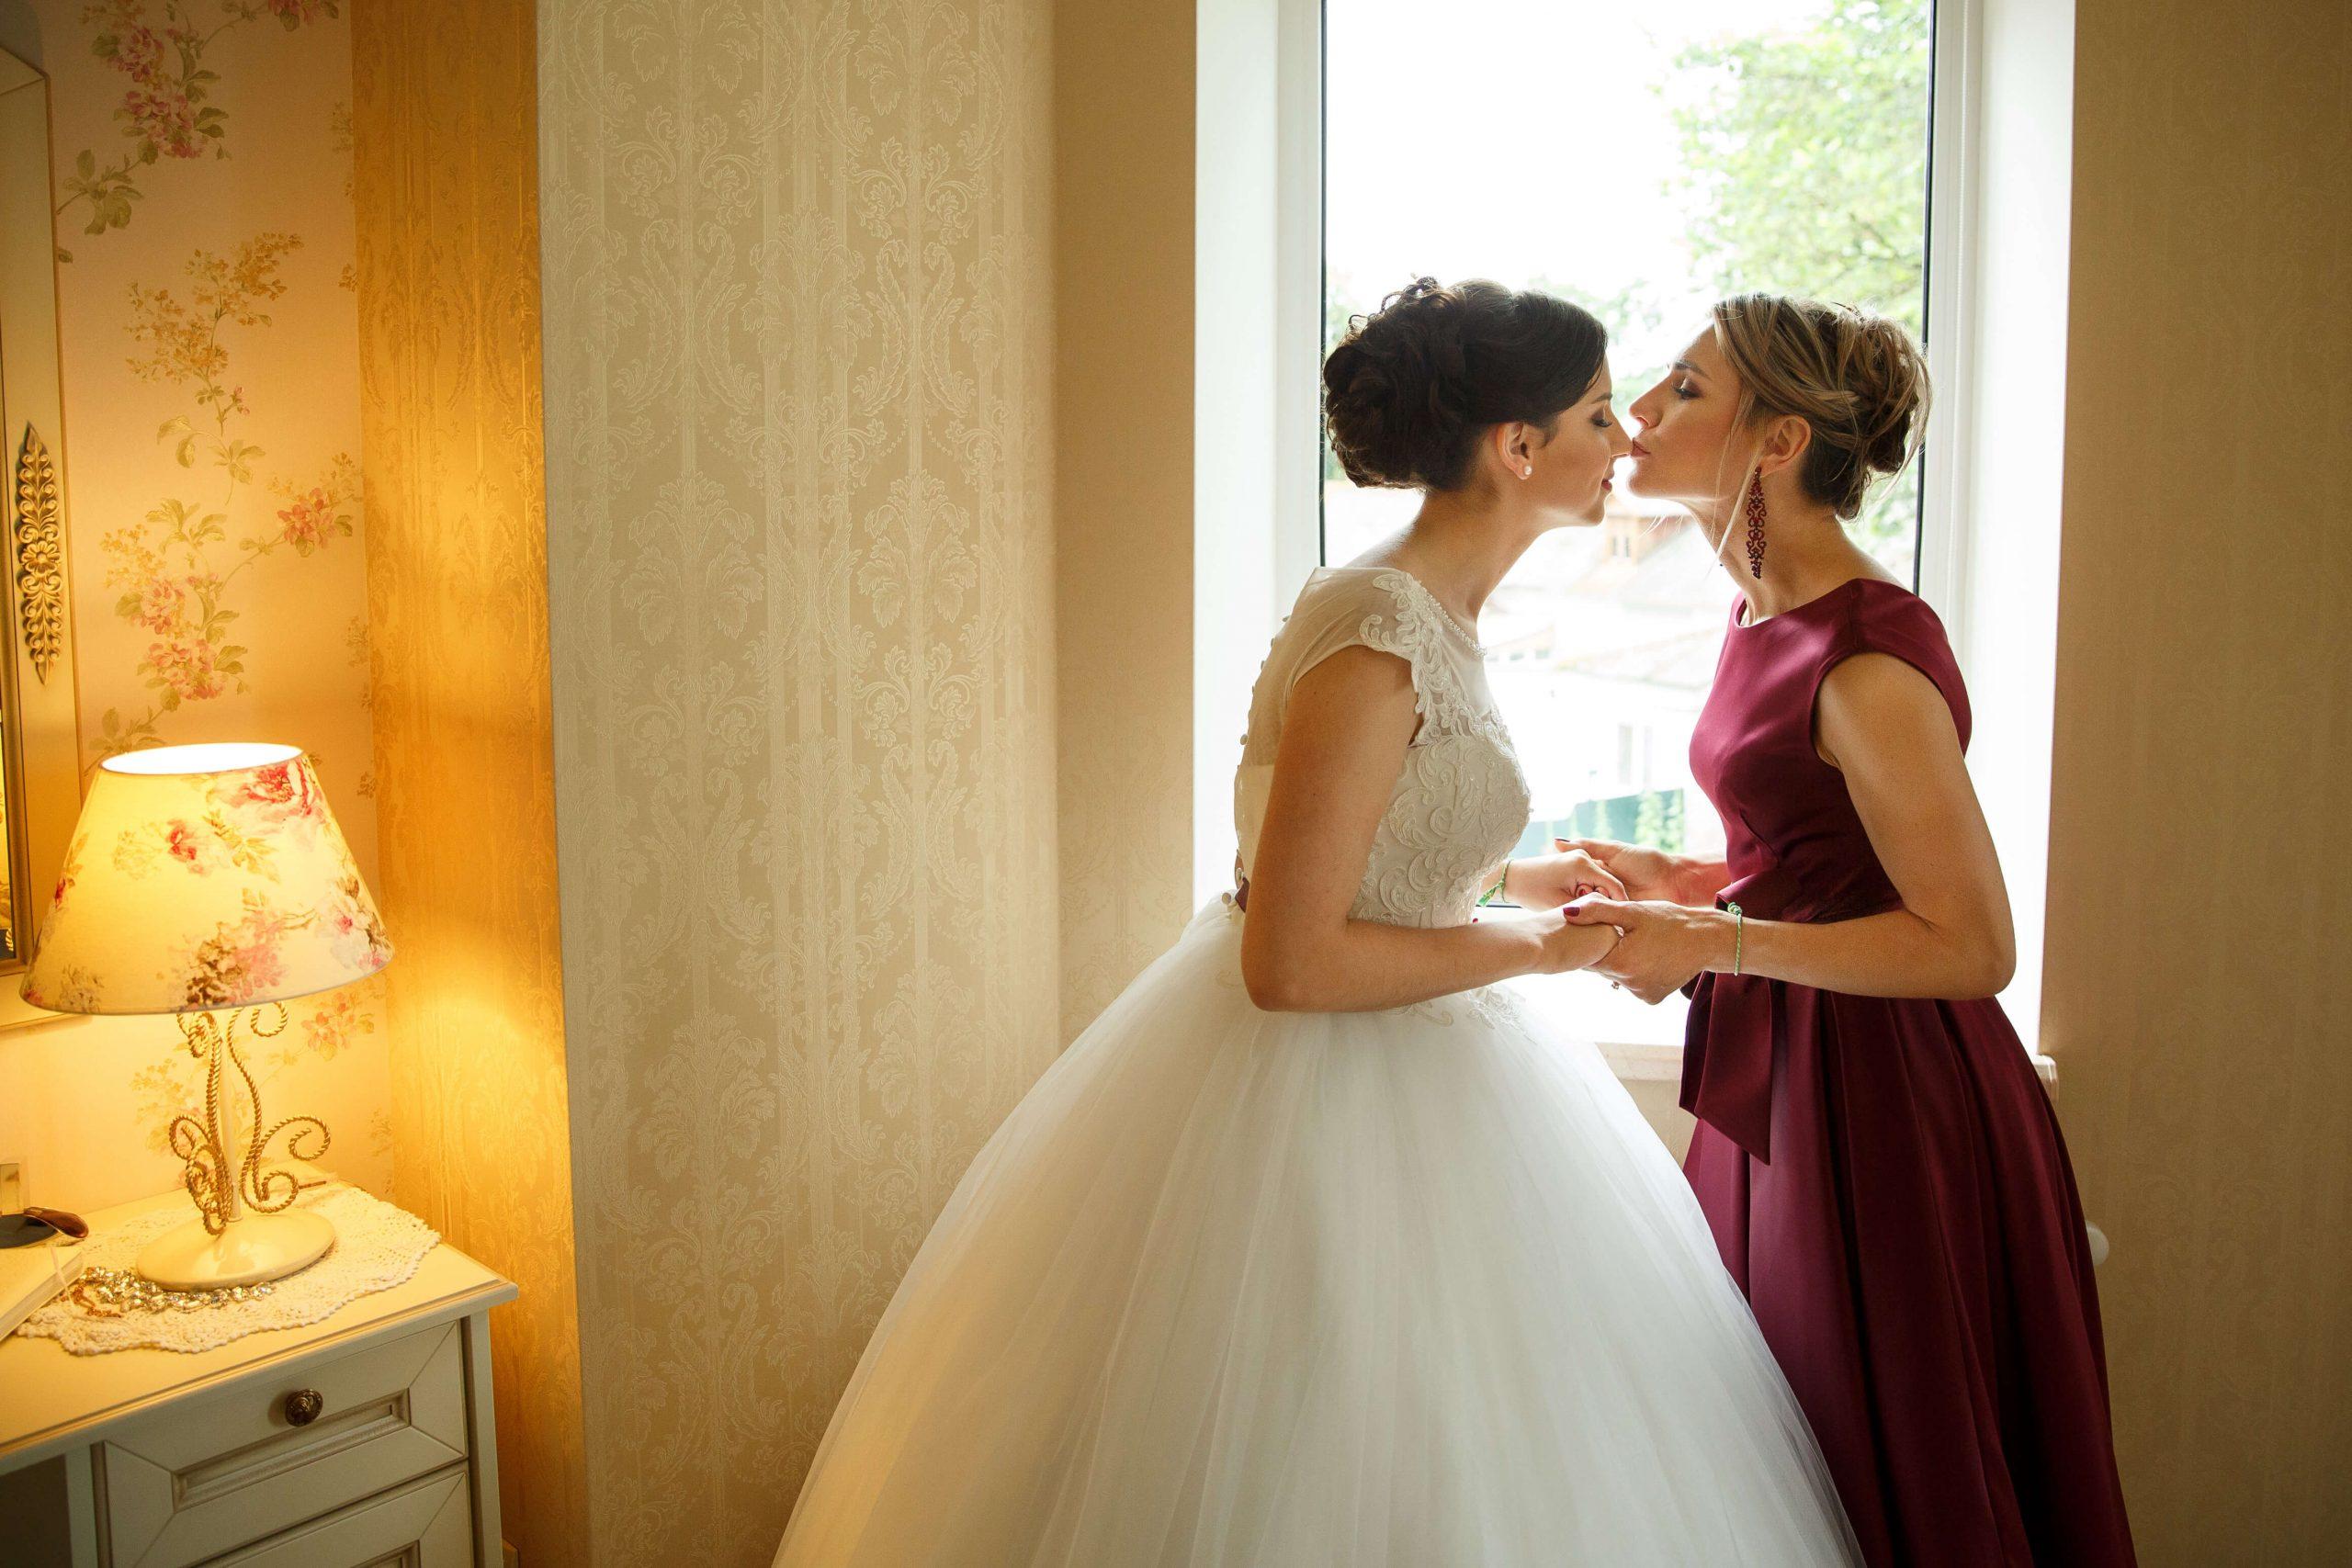 Mère de la mariée embrassant sa fille